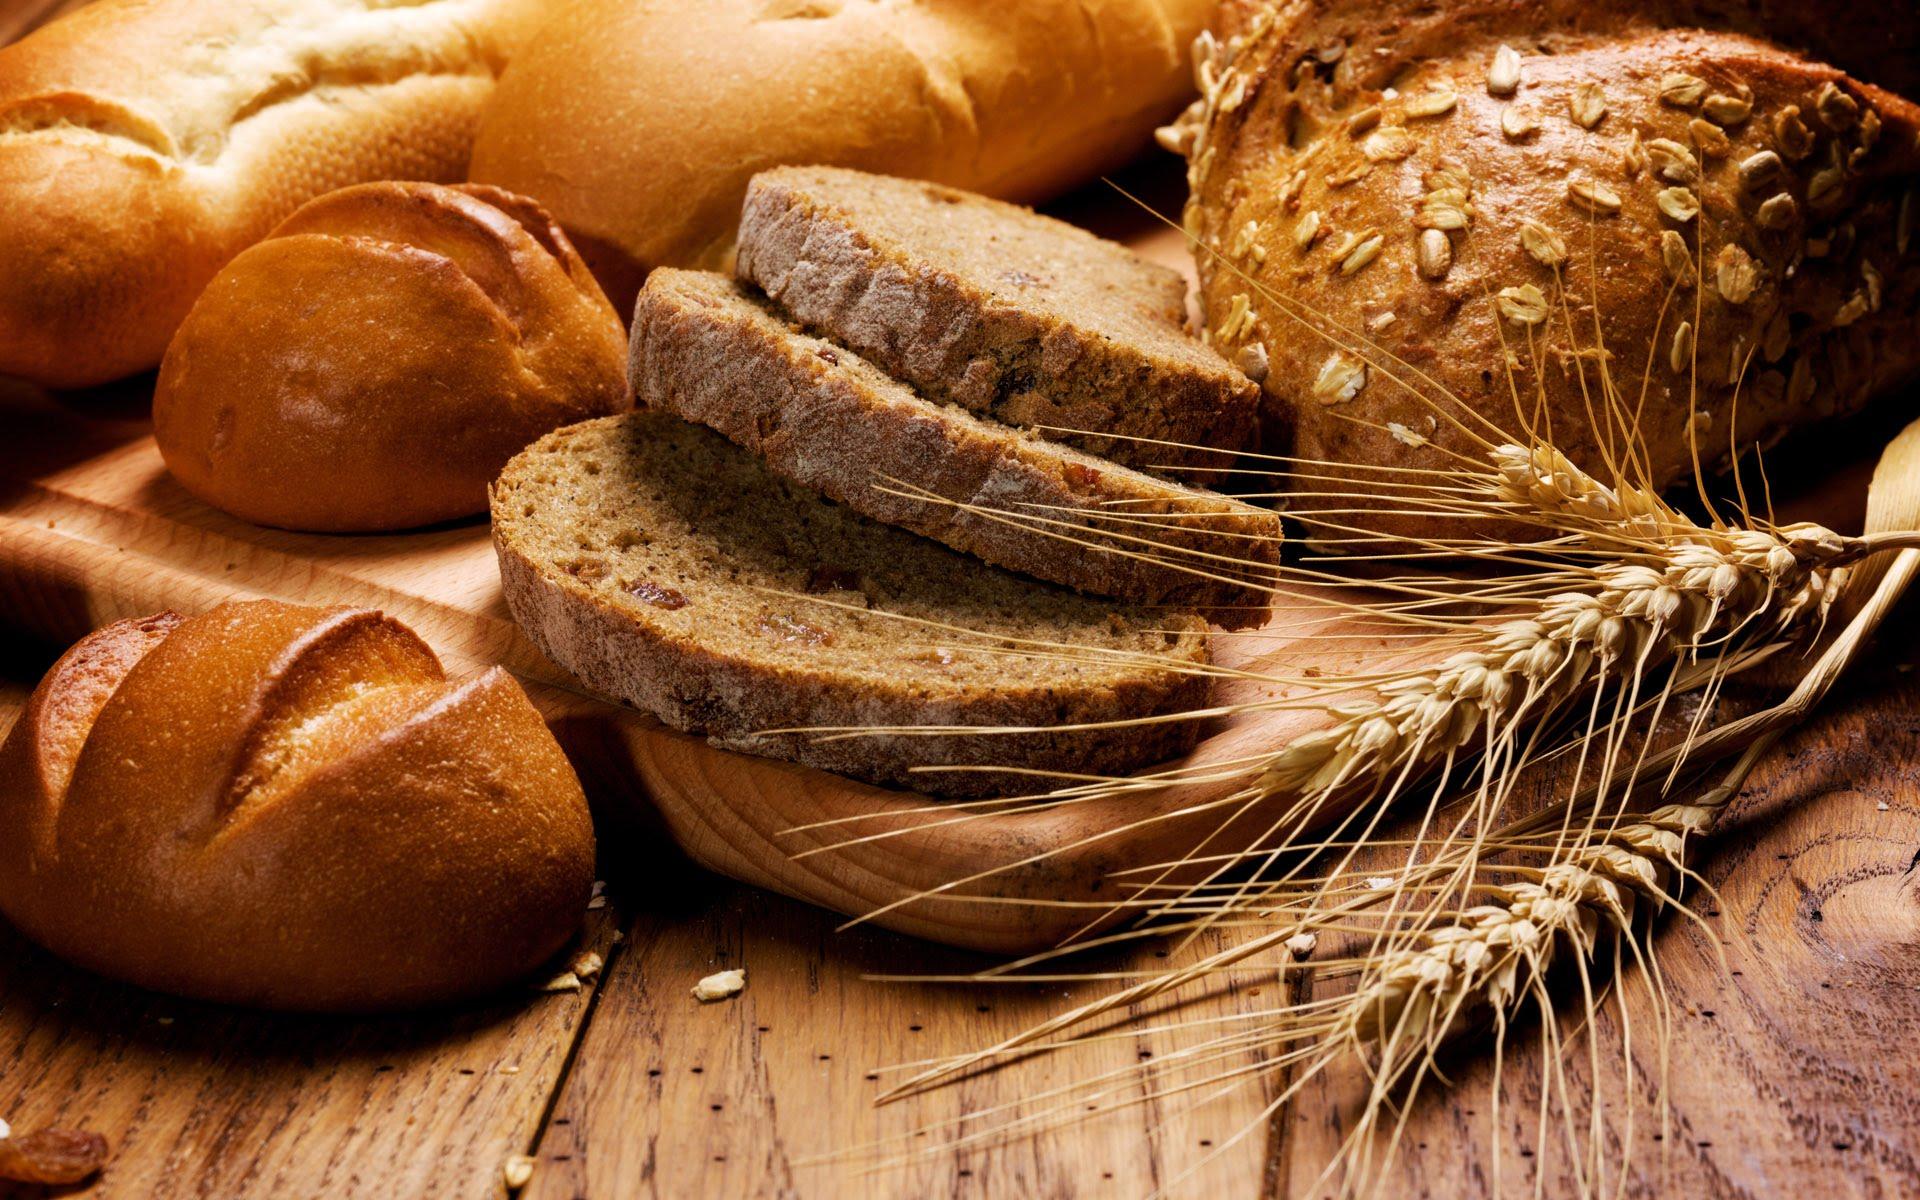 (É Bom Saber) O pão nosso de cada dia. Conheça um pouco da história do produto no Brasil